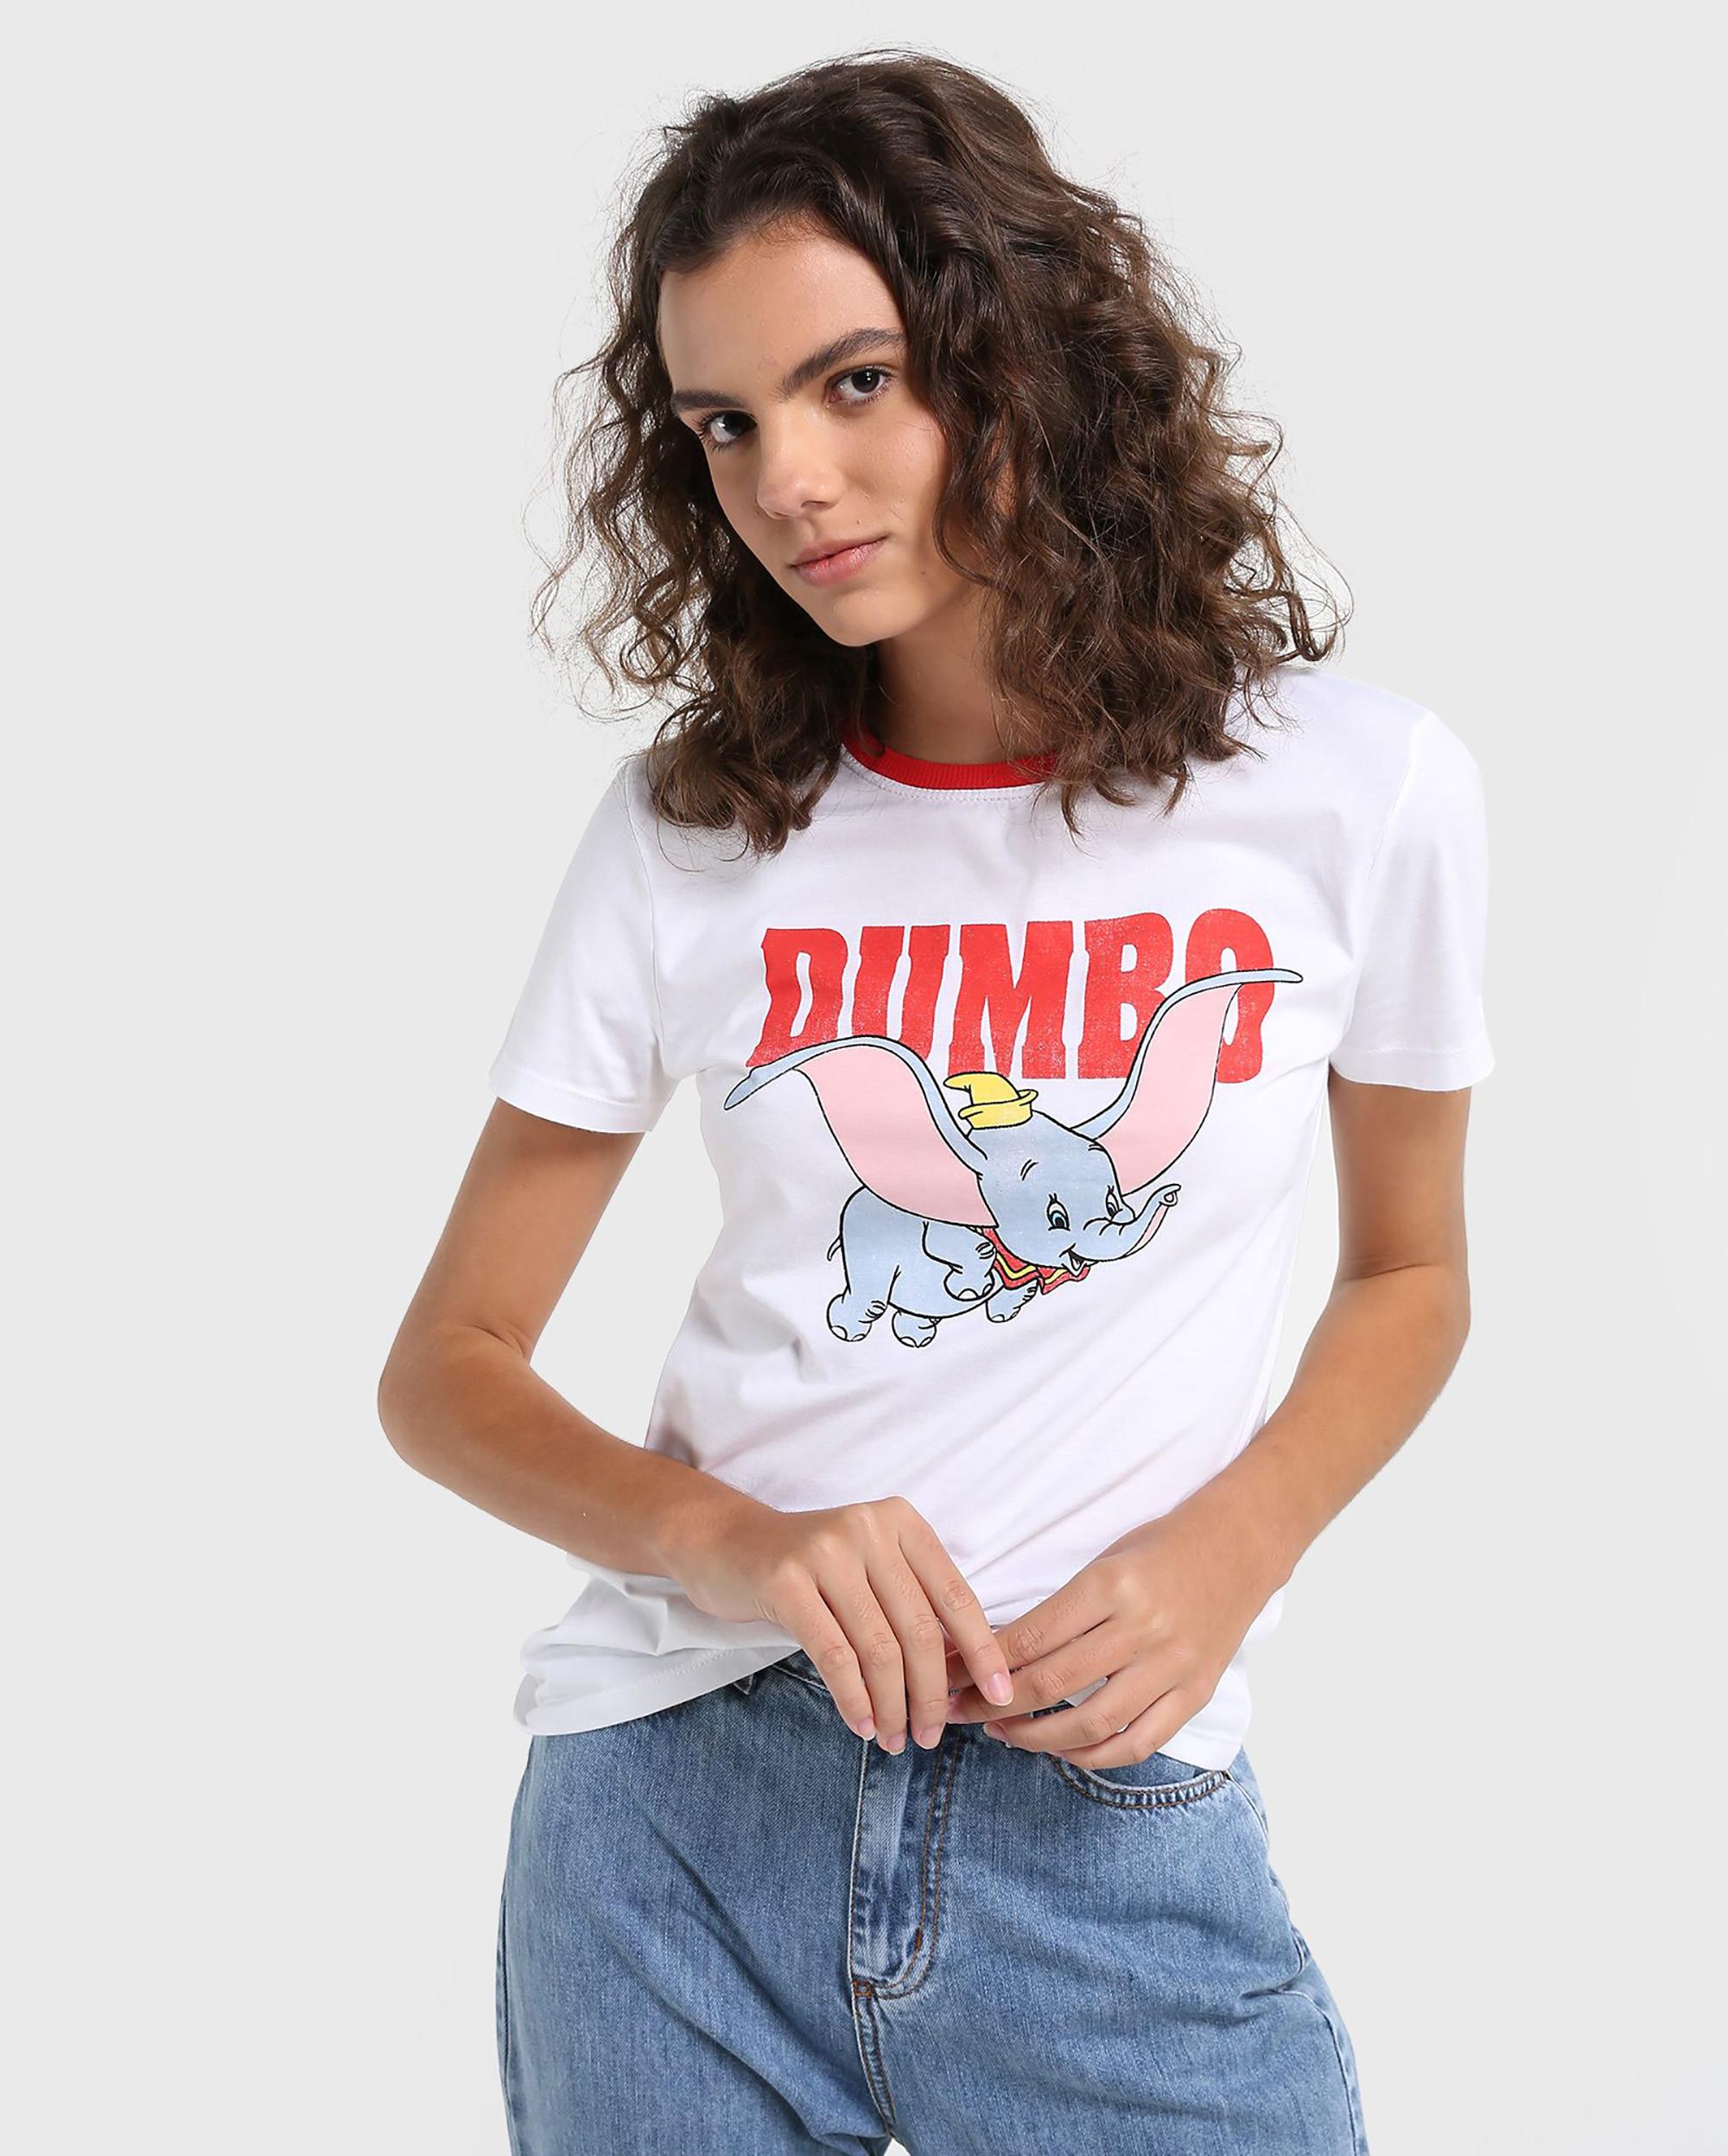 Camiseta da Riachuelo inspirada em Dumbo